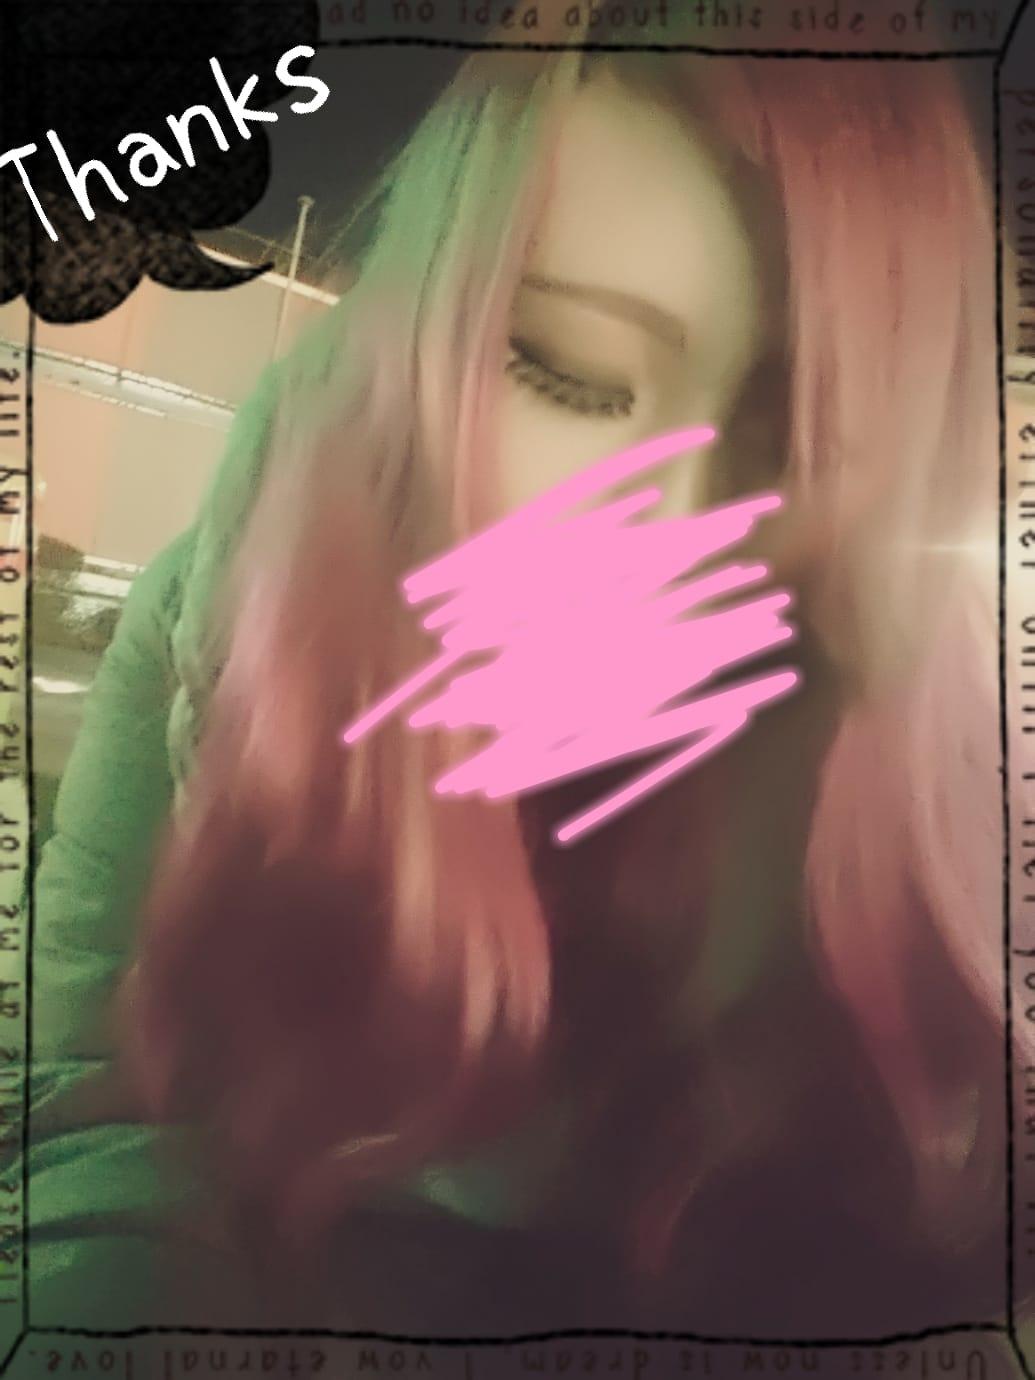 「スピリチュアル♪」01/15(01/15) 17:58   愛月(あづき)の写メ・風俗動画